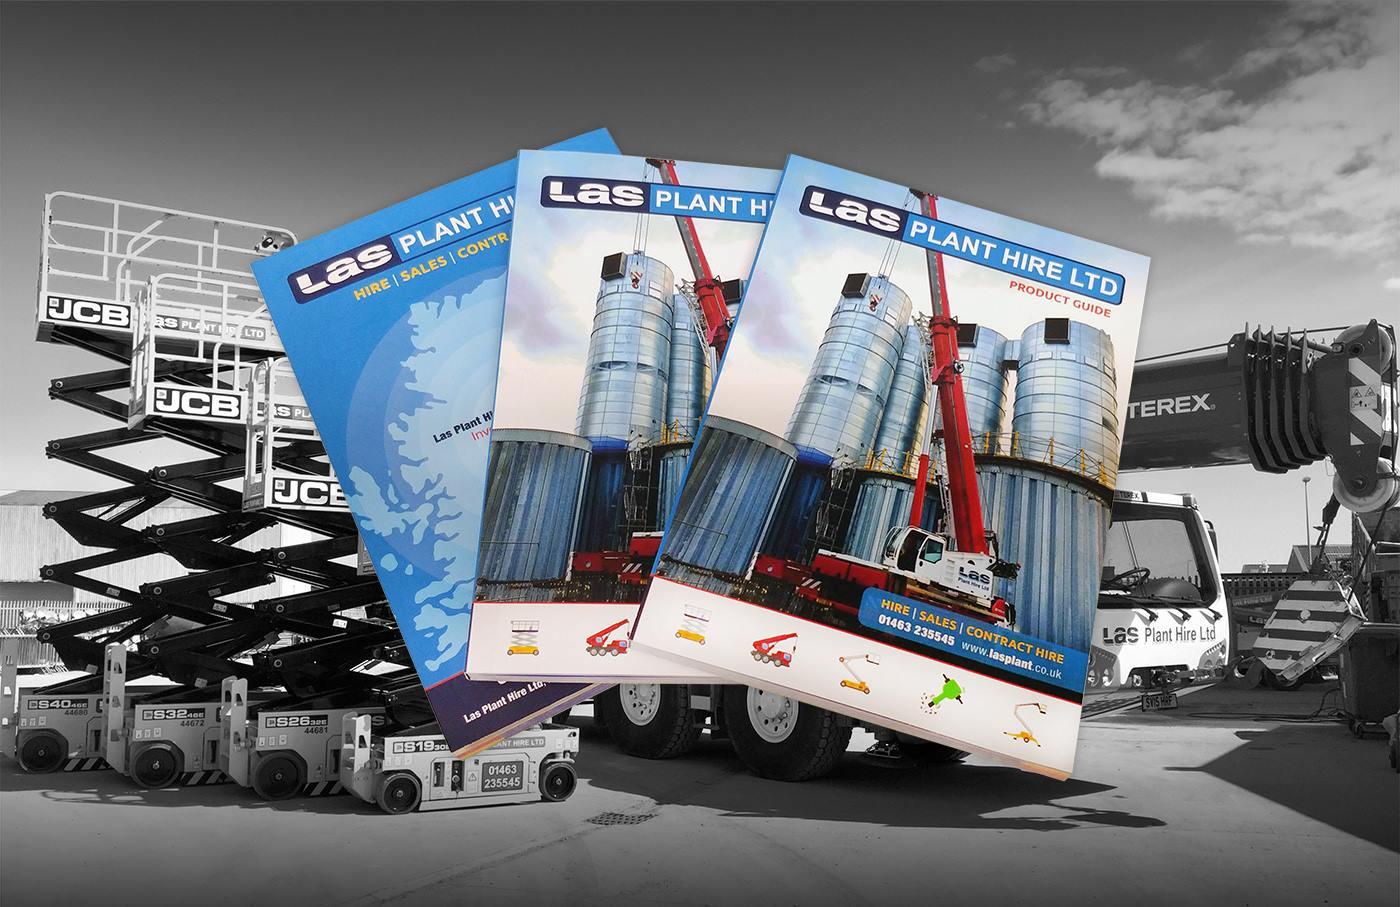 LAS plant hire design for print